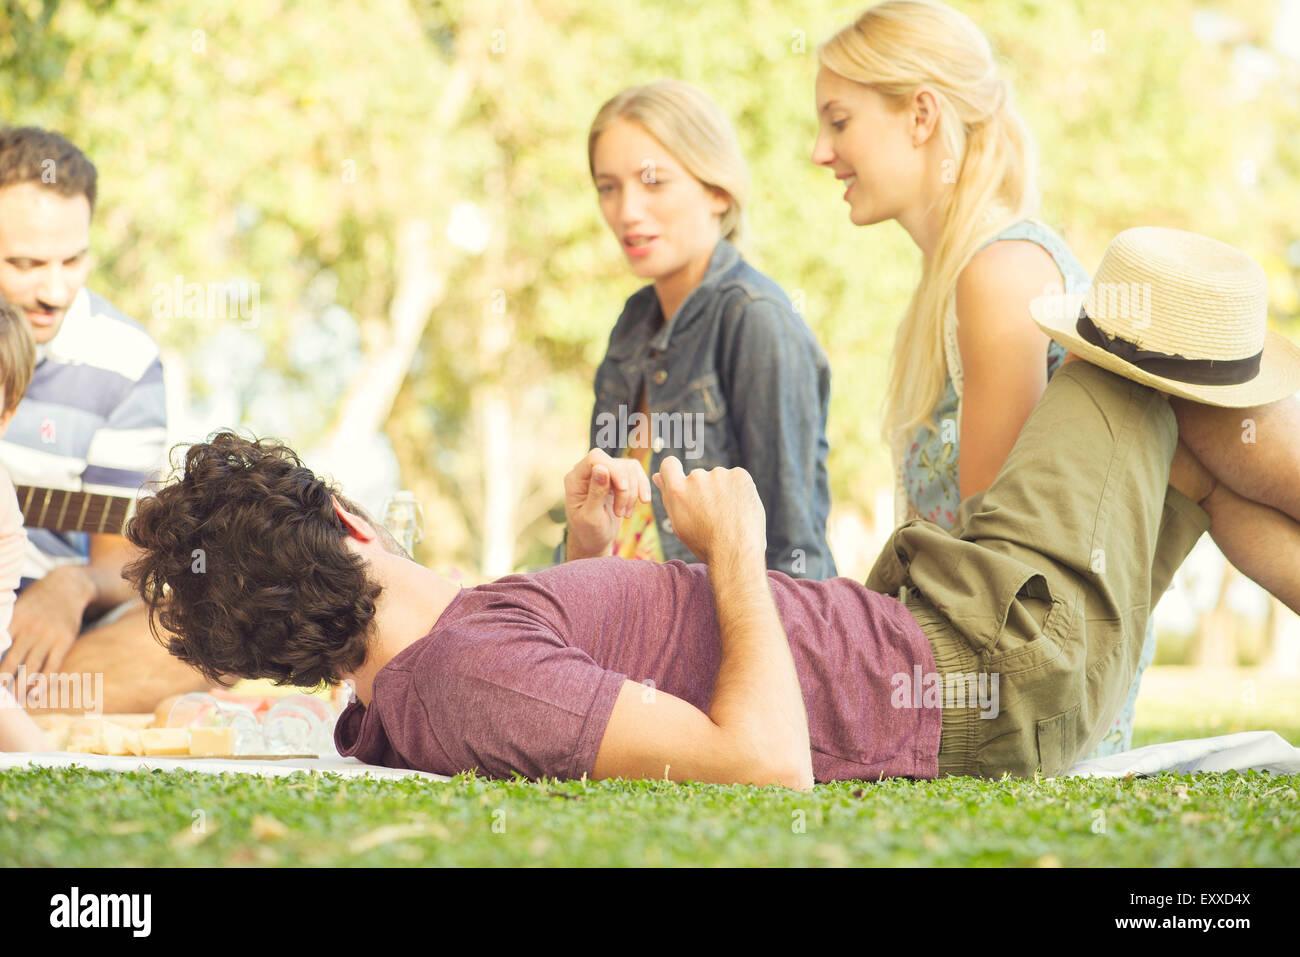 Hombre en un picnic con amigos Imagen De Stock